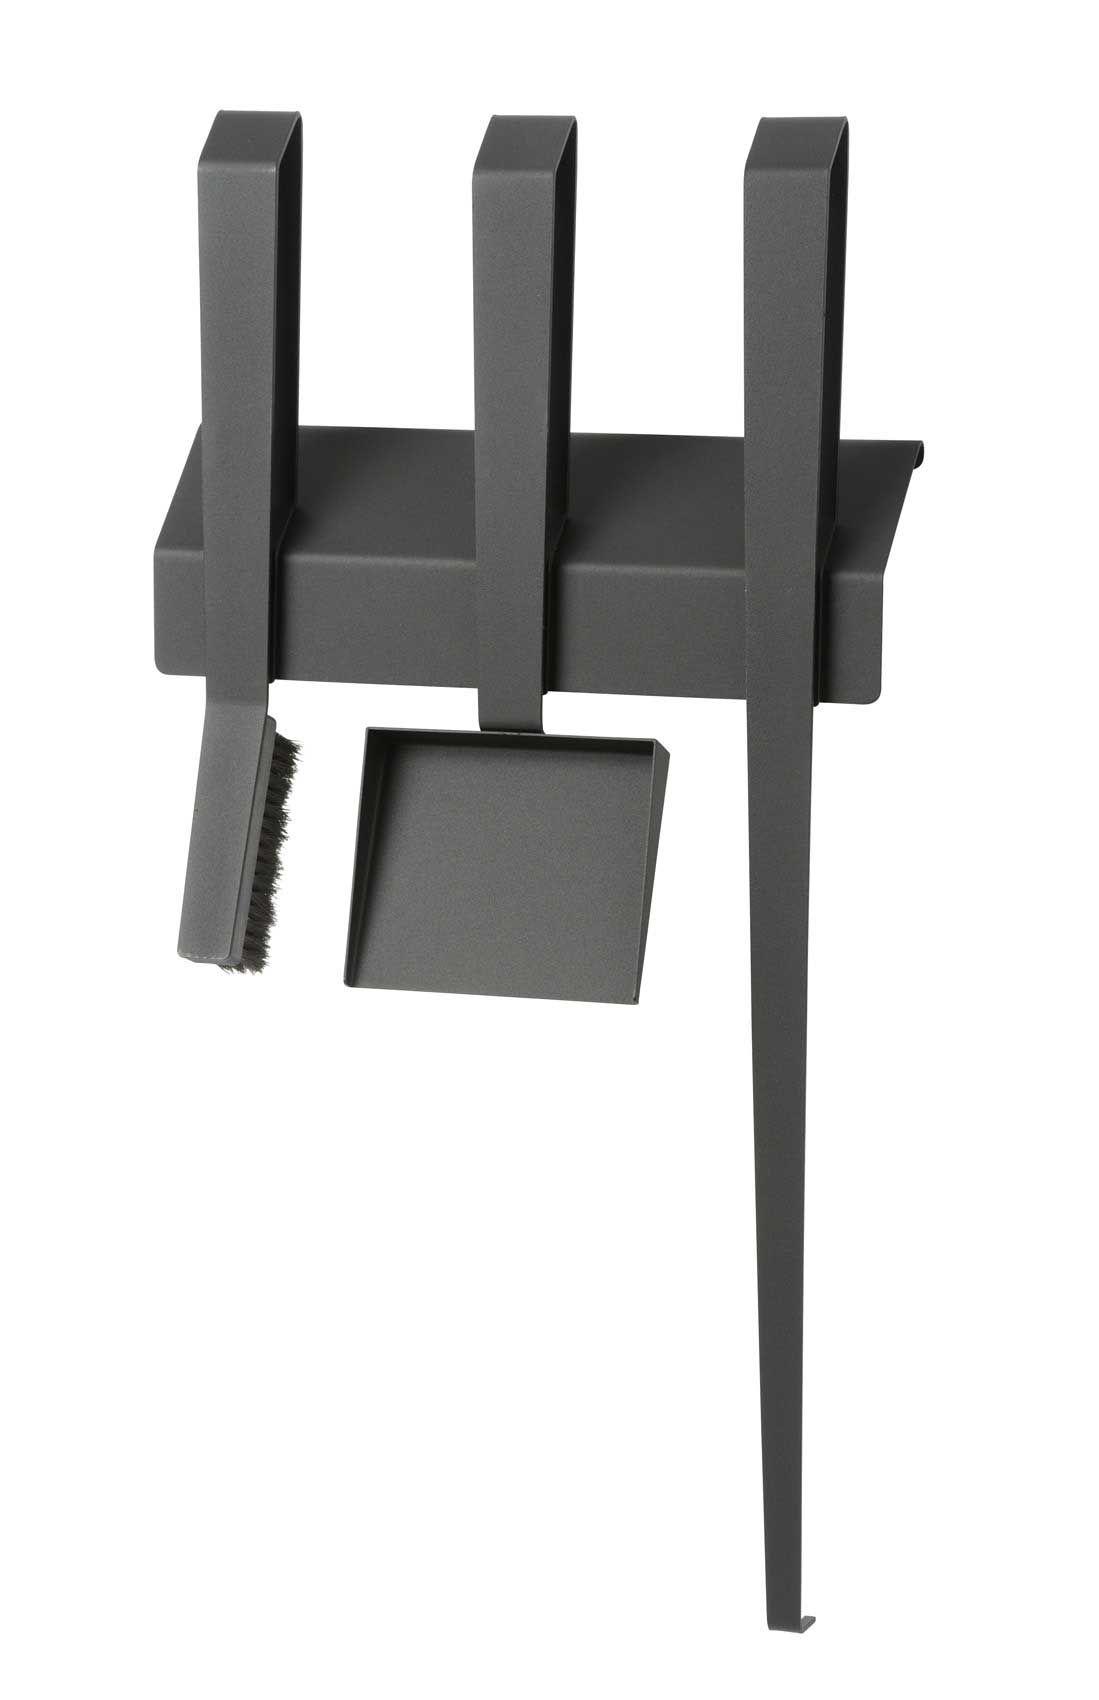 Schwarzer Stahl kaminbesteck edge iii 3 teilig wandhängend stahl schwarz